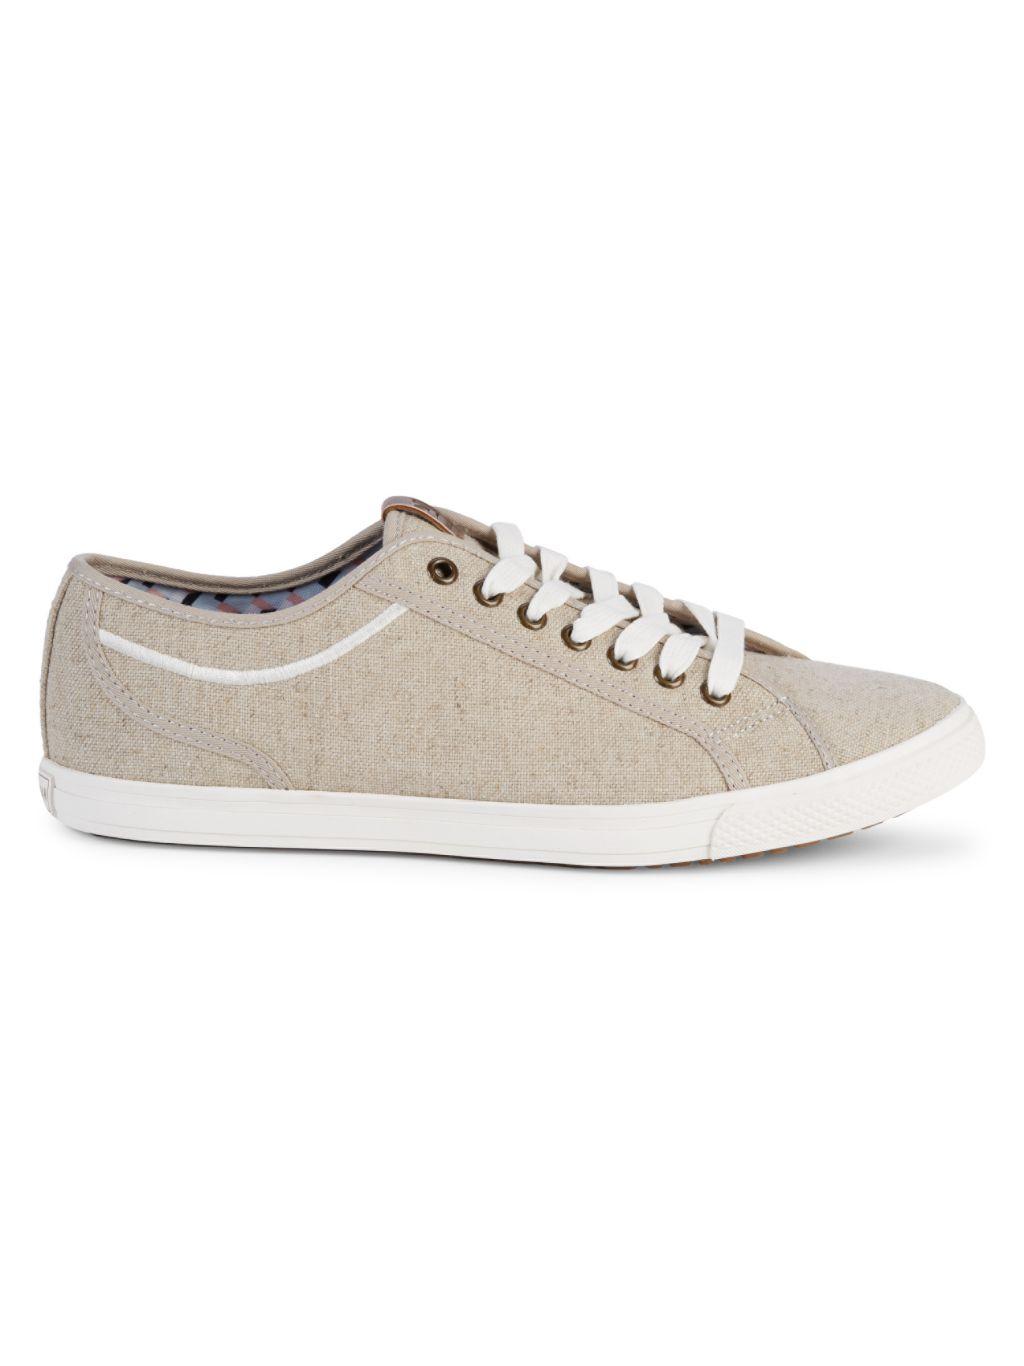 Ben Sherman Conall Low-Top Sneakers